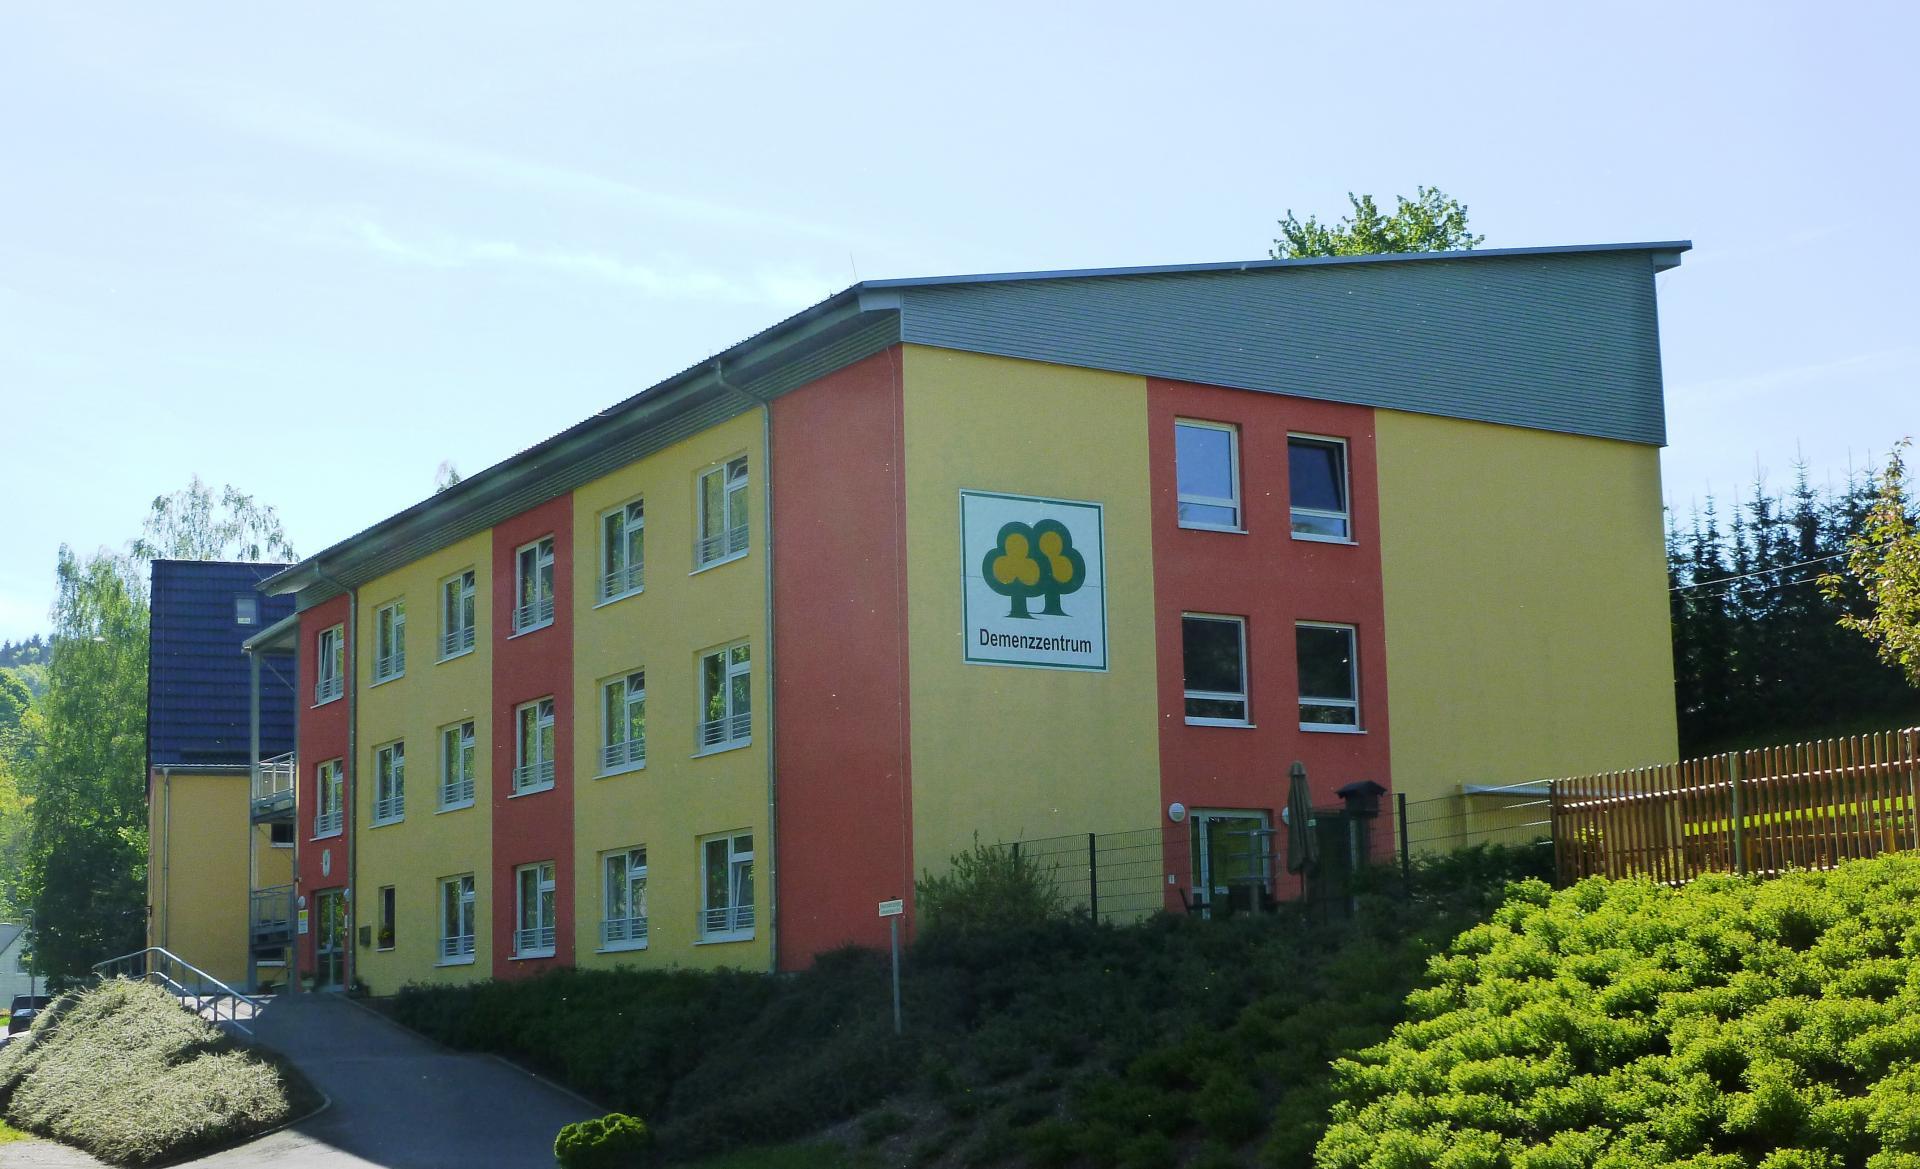 Demenzzentrum Lichtenberg